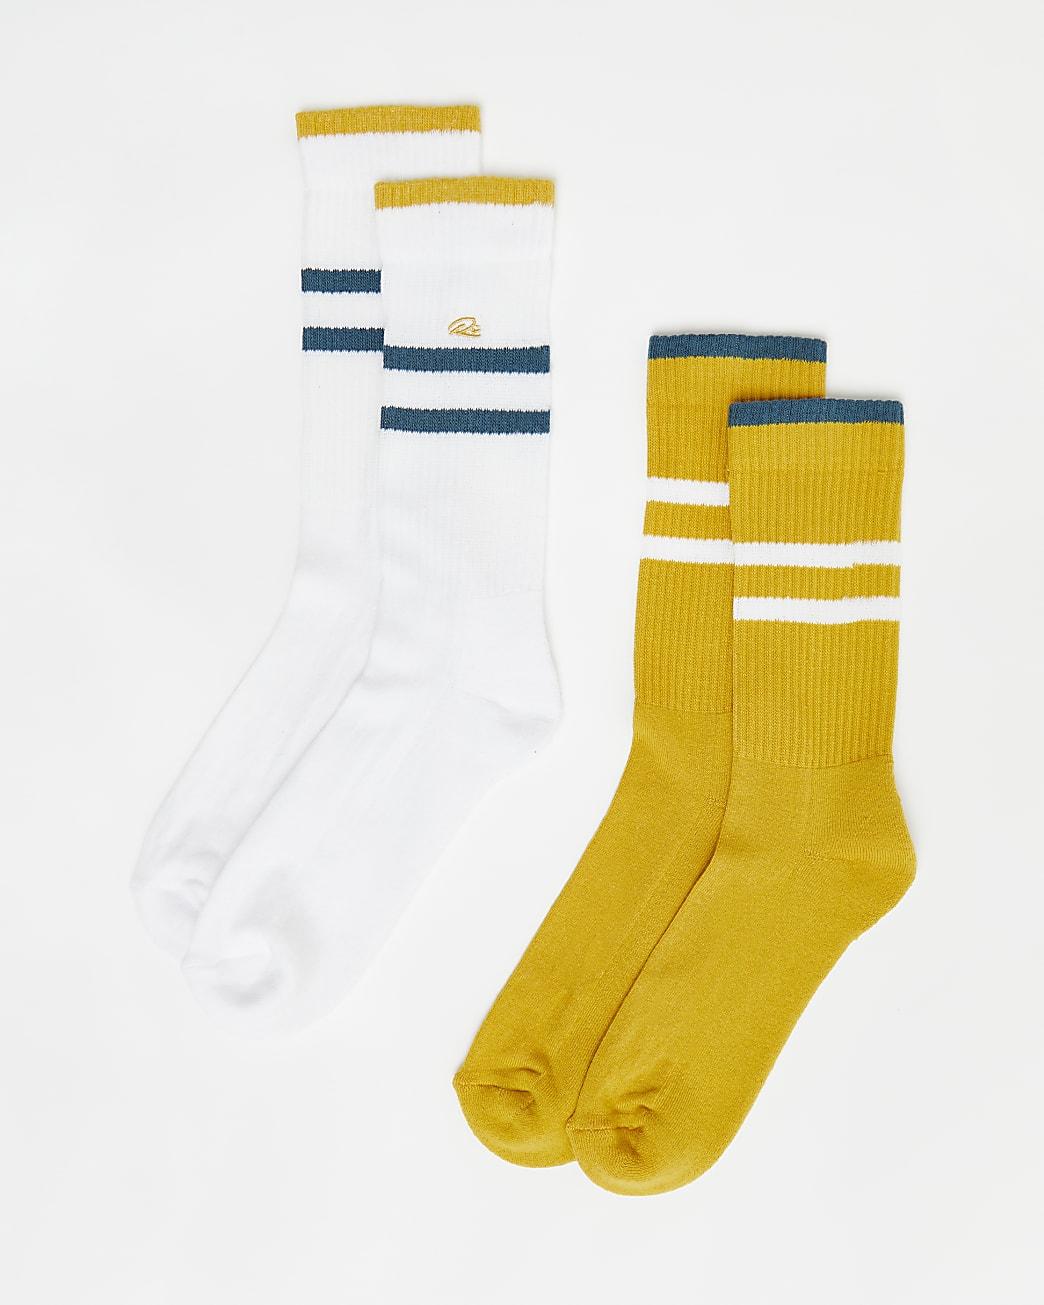 Yellow & white stripe RI branded socks 2 pack